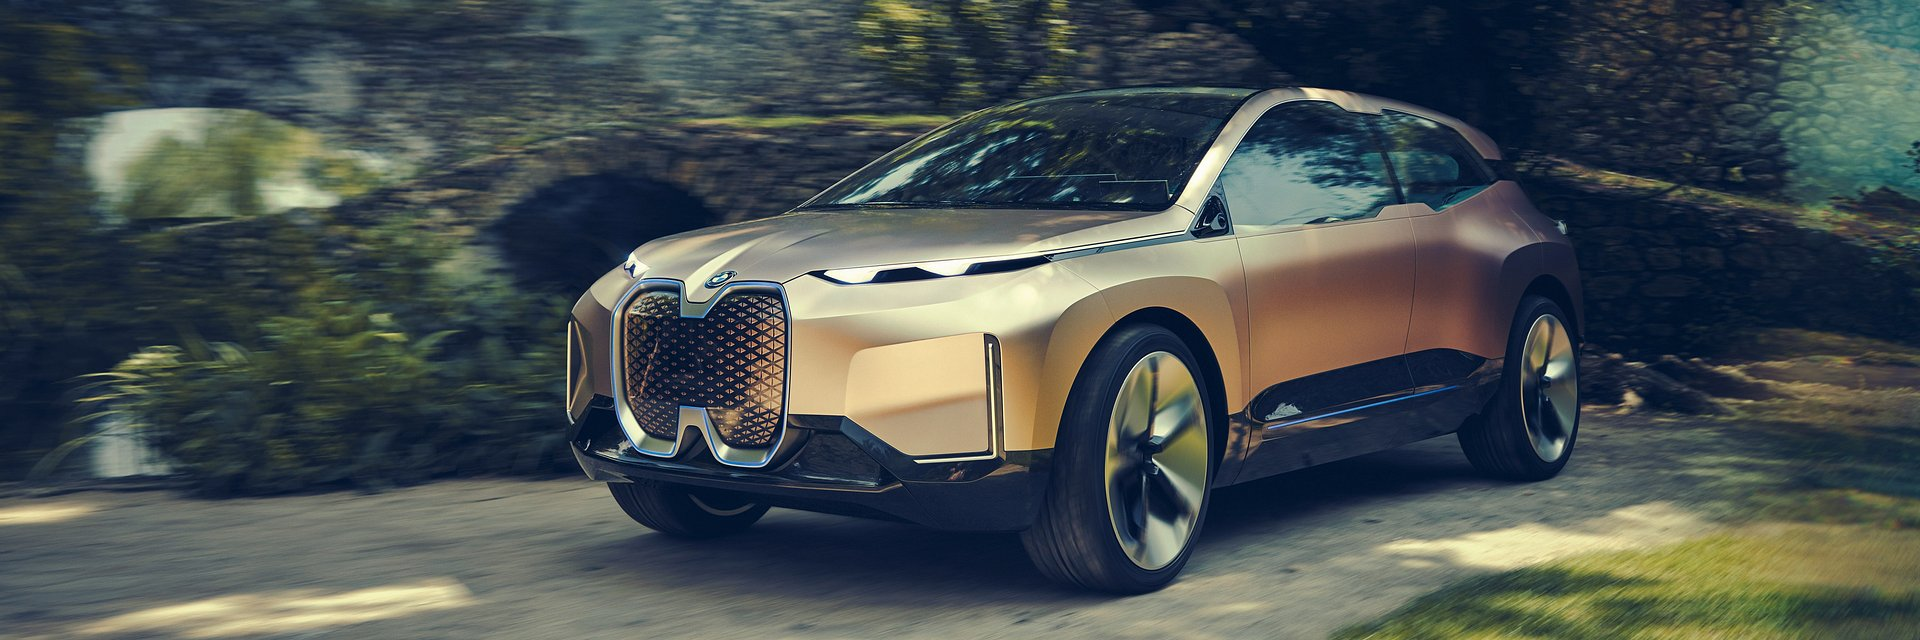 GMV awangardą w rozwoju technologii lokalizacyjnej dla pojazdów autonomicznych